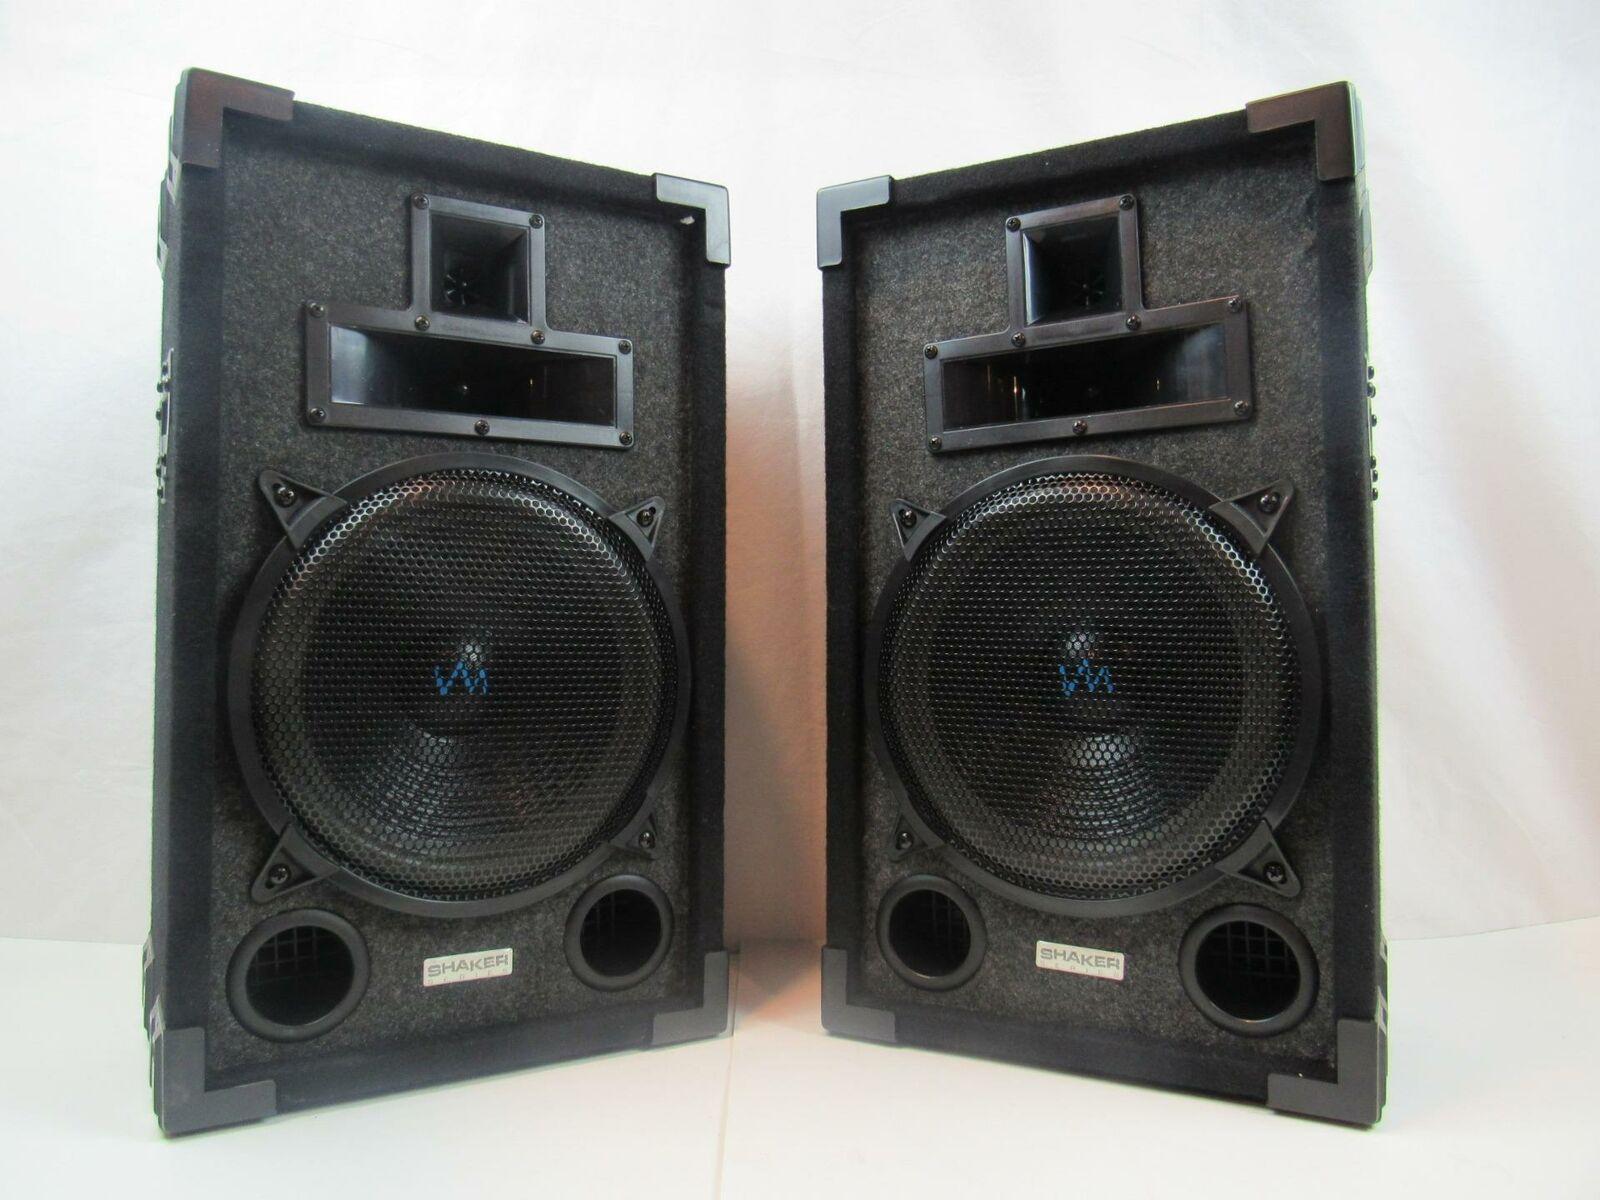 Shaker Series 3-Way Passive Loudspeaker System by VM (VAS31OP)